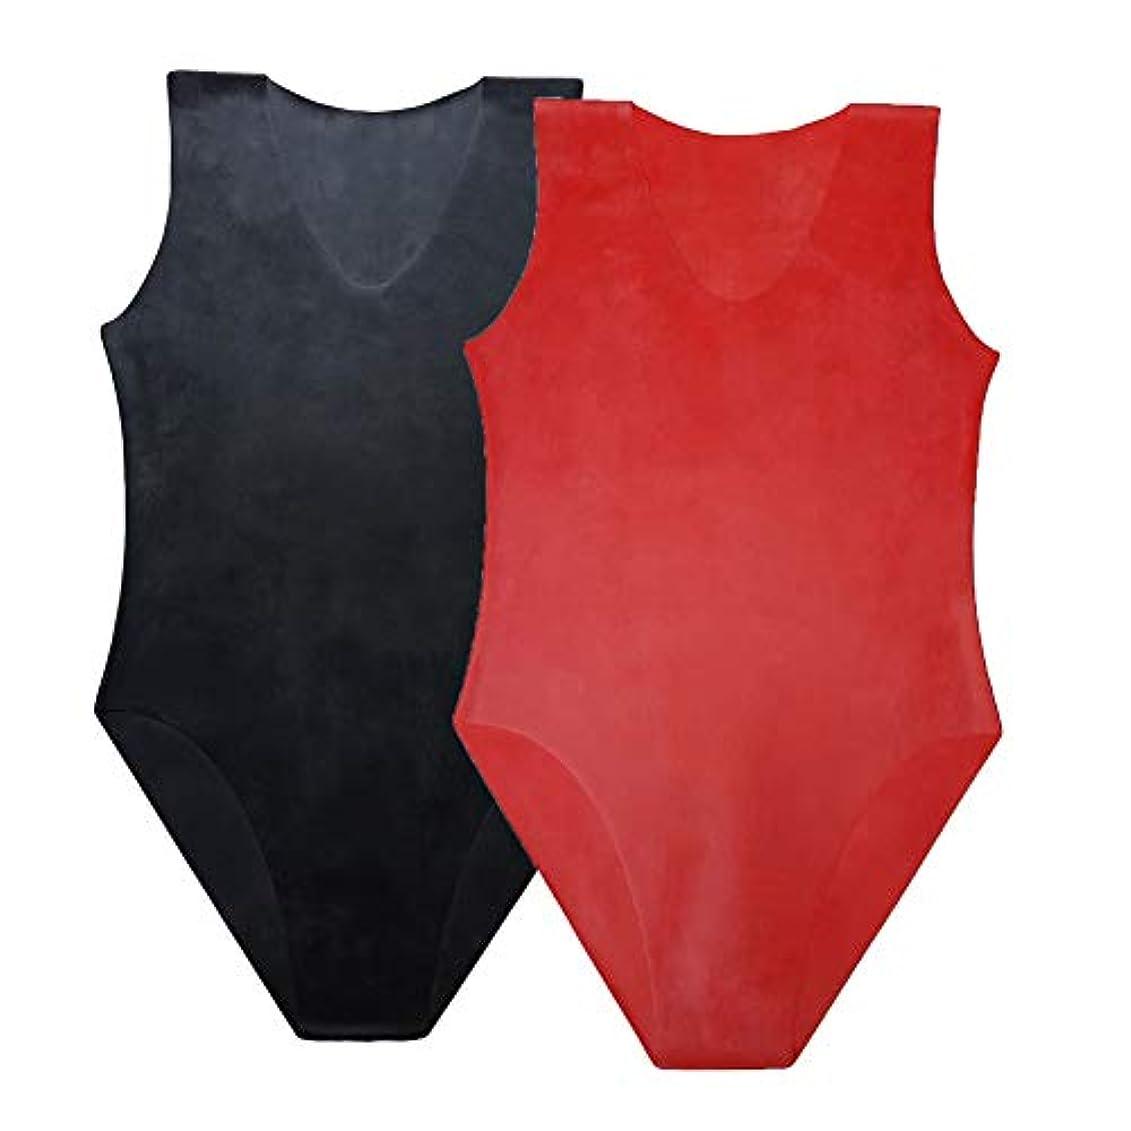 テープ近所の瞳EXLATEX ラテックス ボディスーツ 女性水着 ラテックス ラバー グミ レオタード ブラック ラテックス キャットスーツ